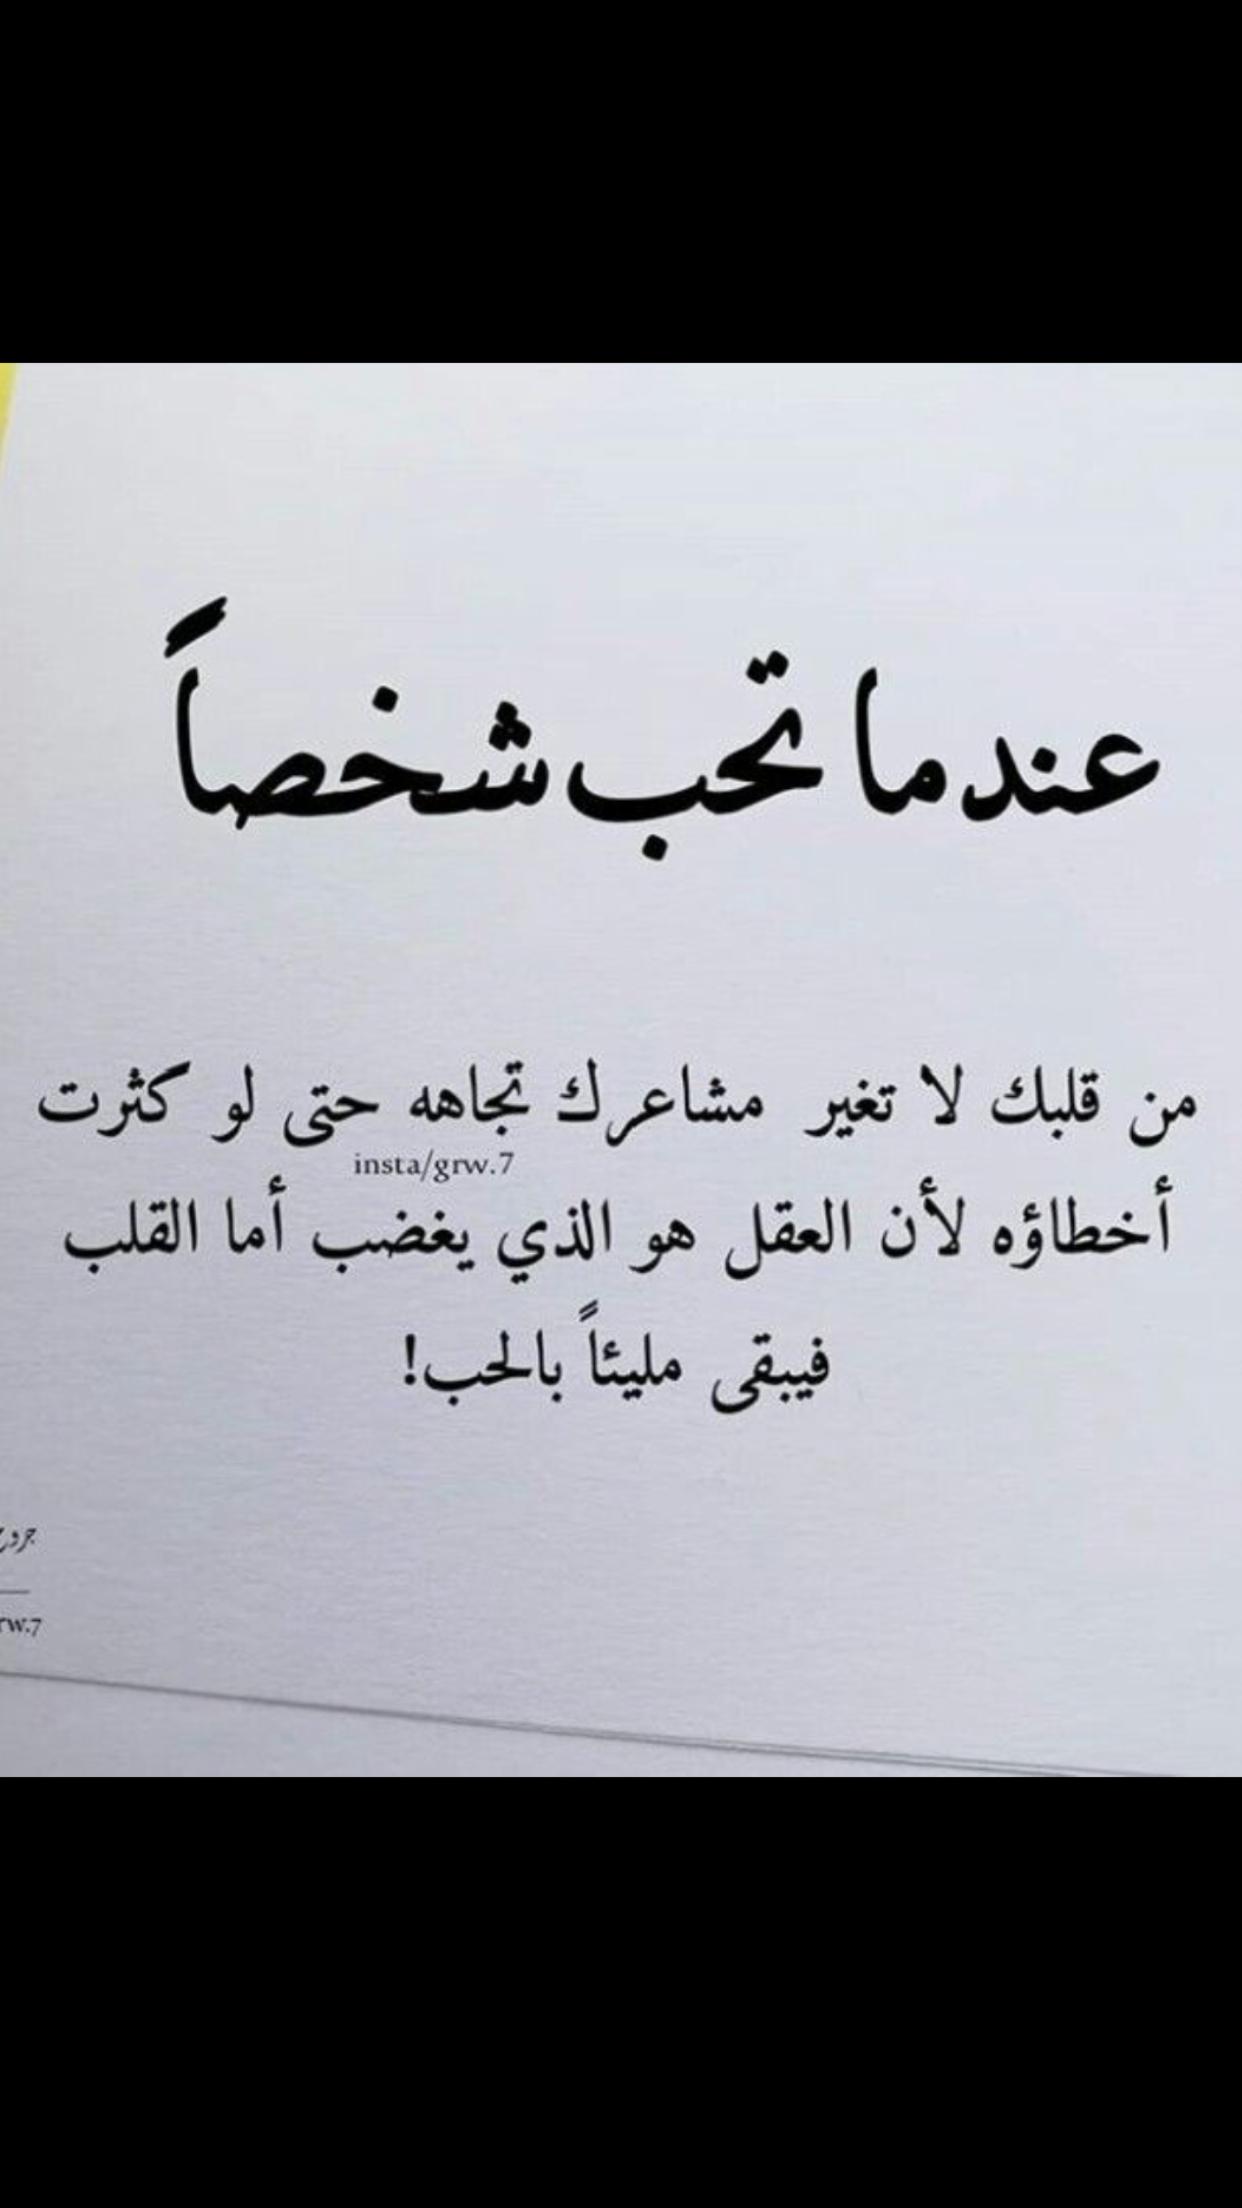 هو الحب الحقيقي Words Quotes Beautiful Arabic Words Love Words